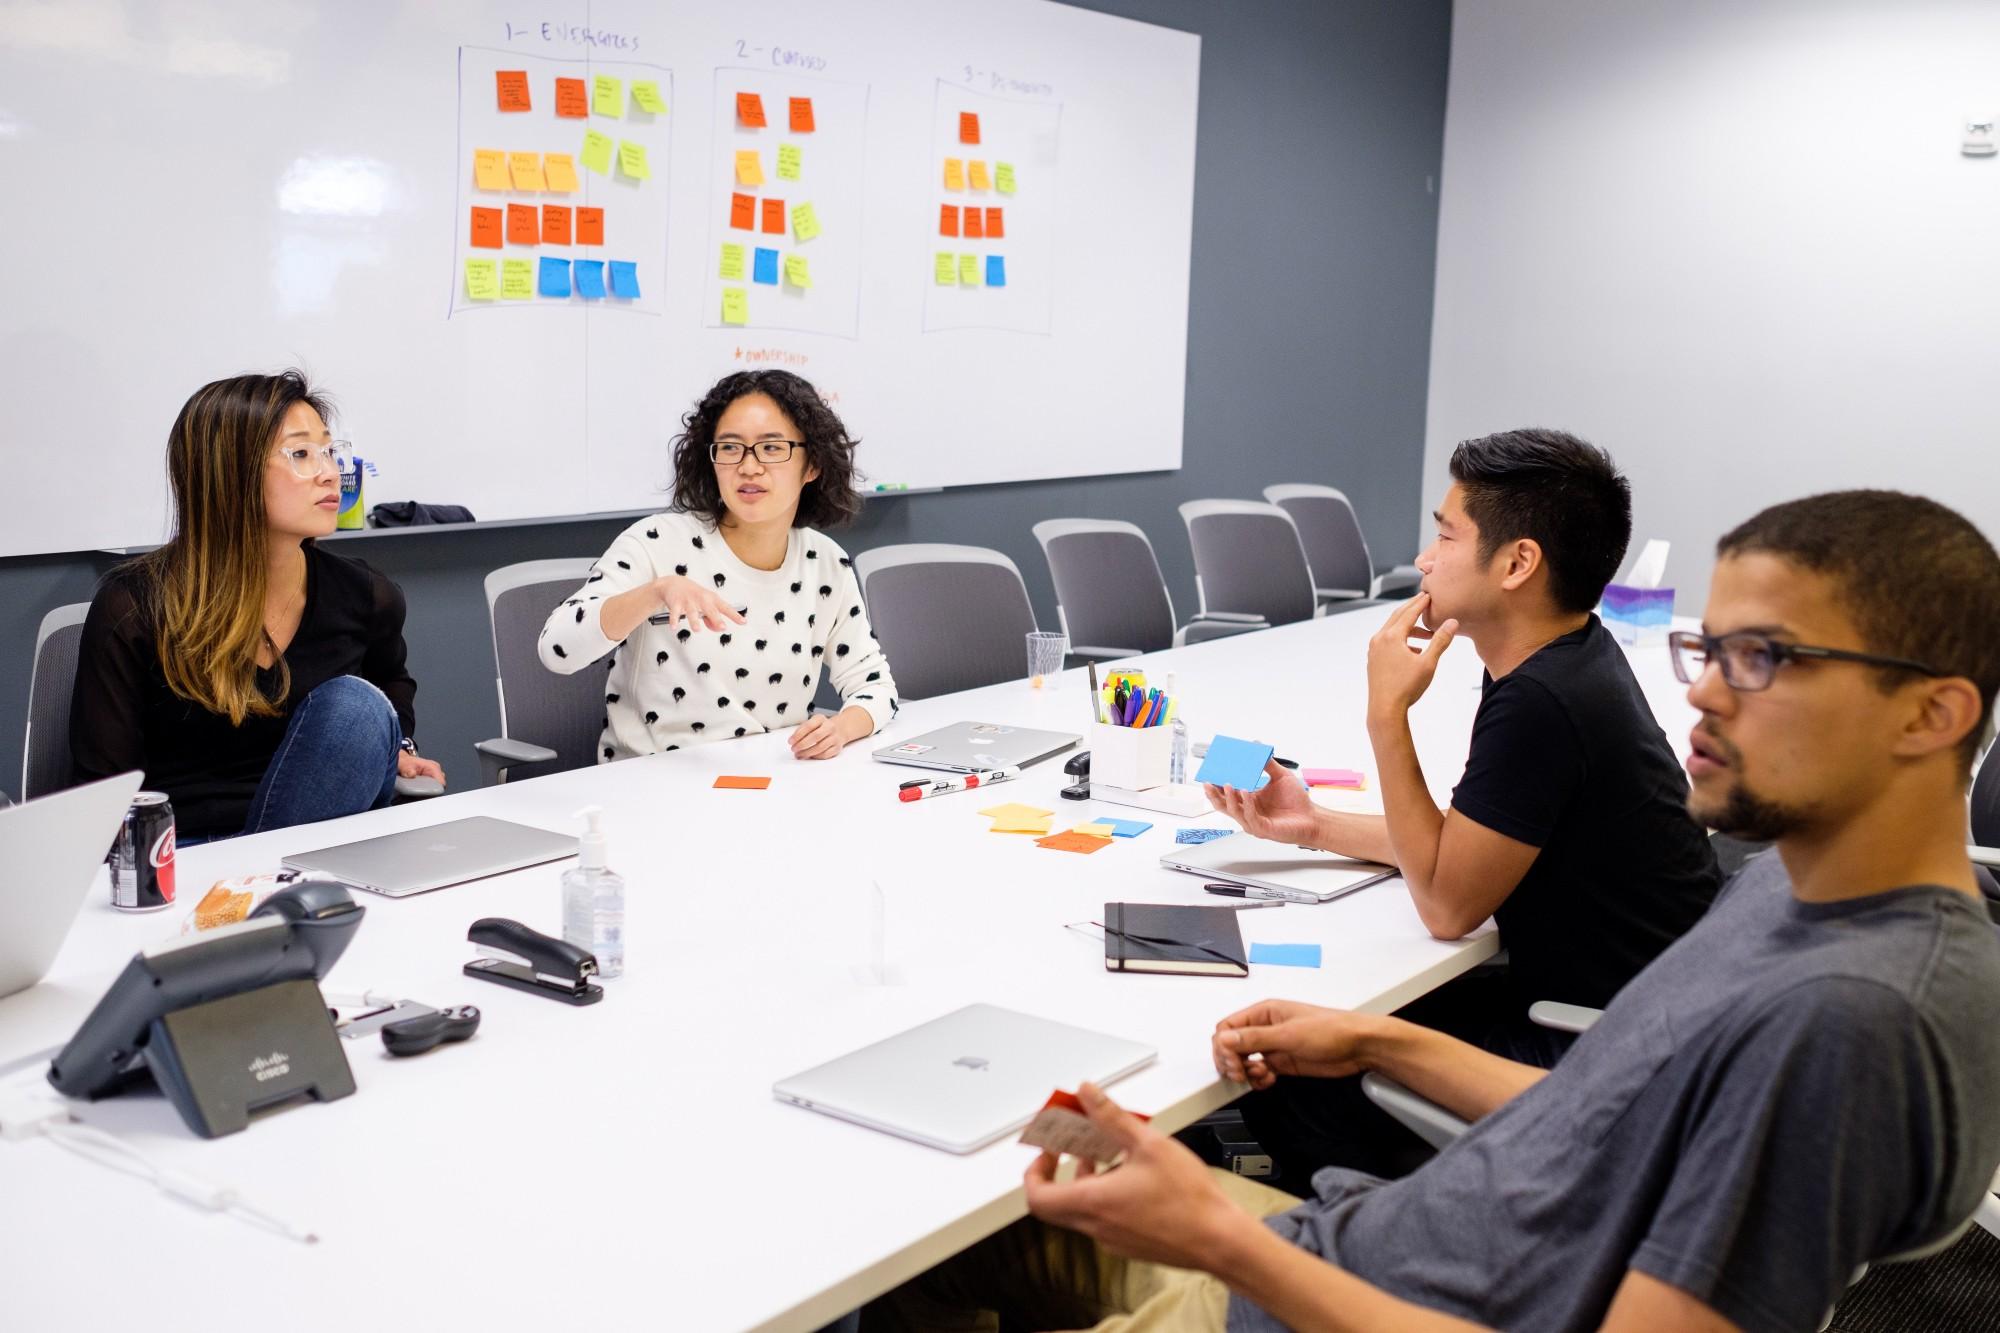 سه نکته مهم در برگزاری جلسات برنامهریزی اسپرینت